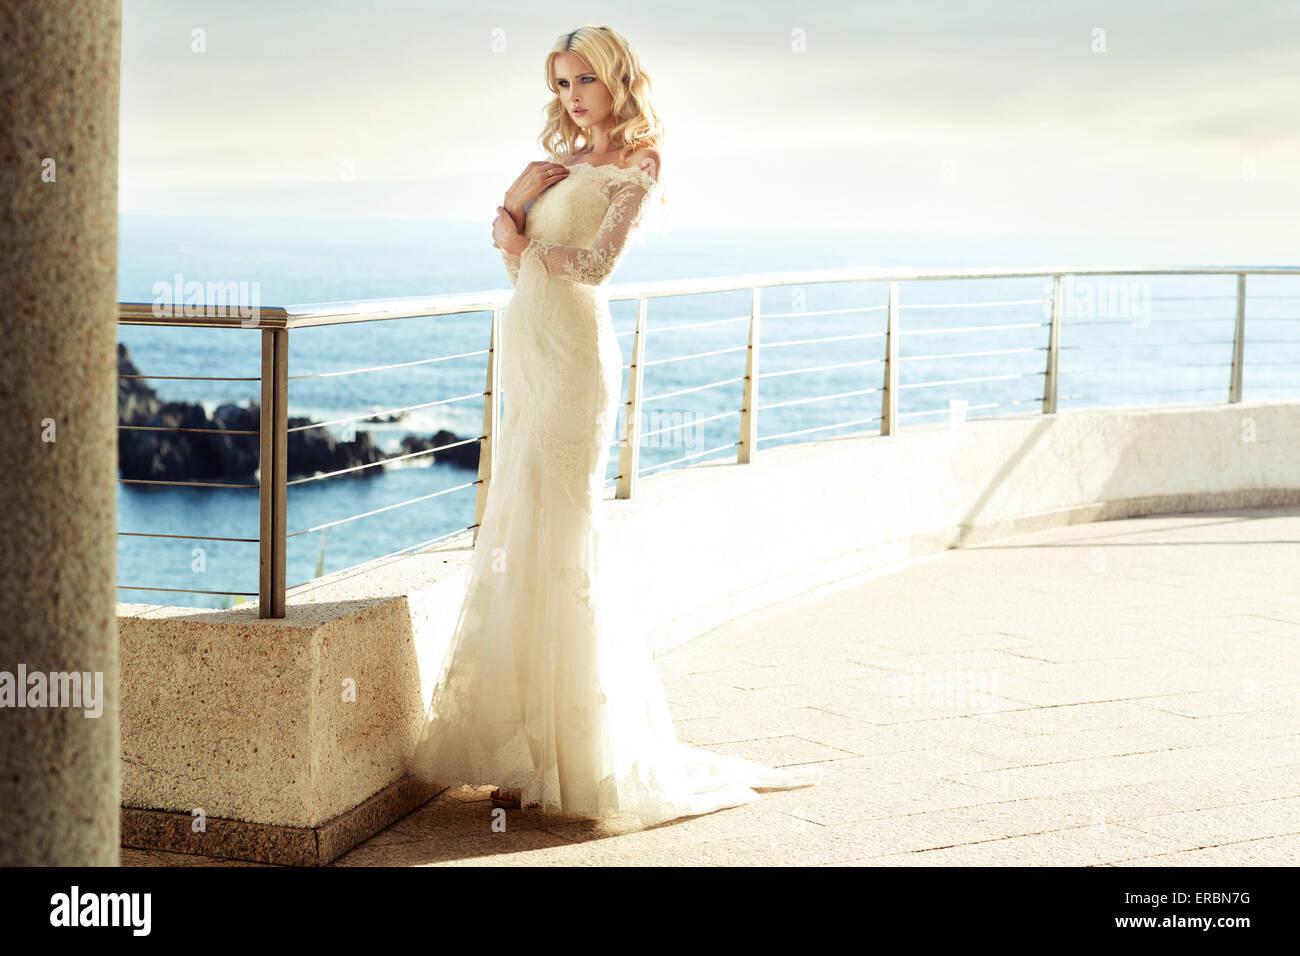 Calma rubia novia esperando a su querido esposo Imagen De Stock